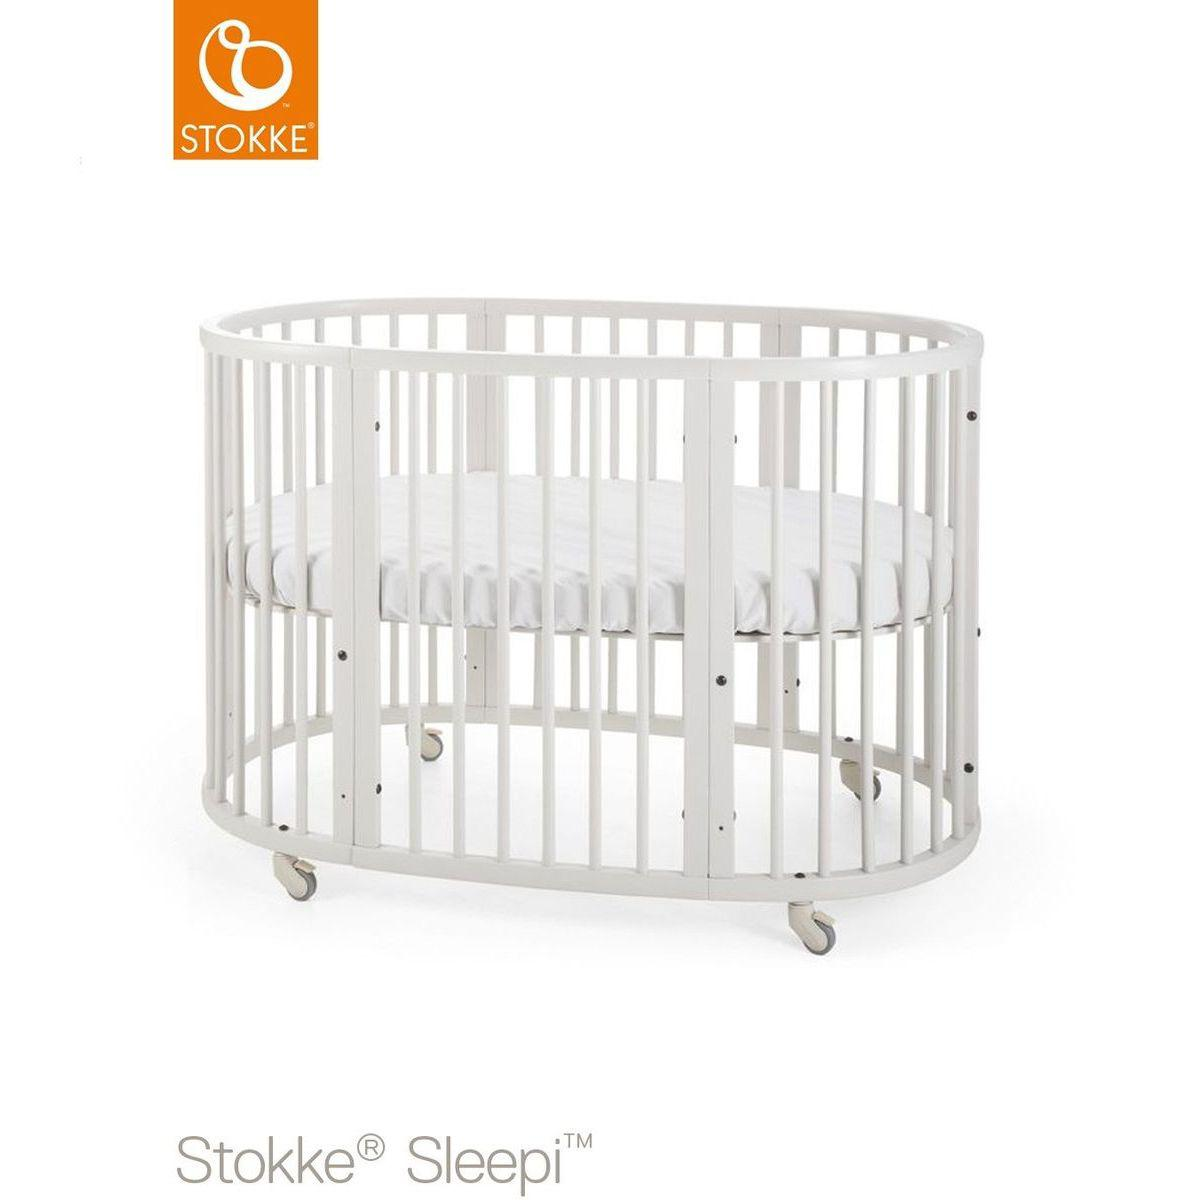 Kit extensión cuna SLEEPI Stokke blanco